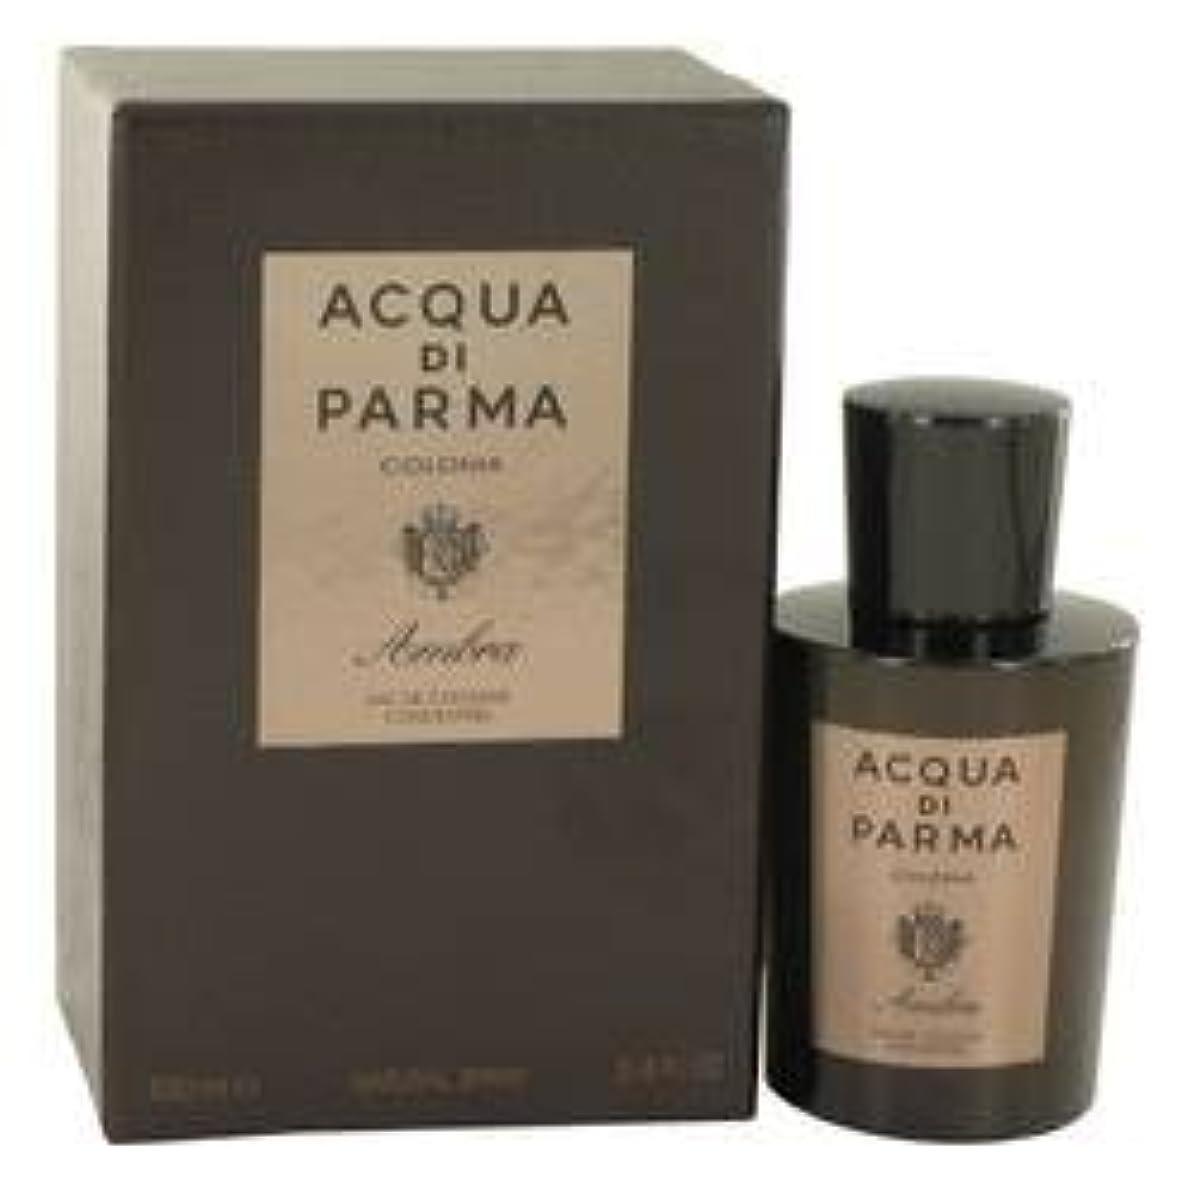 再生ナース四分円Acqua Di Parma Colonia Ambra Eau De Cologne Concentrate Spray By Acqua Di Parma